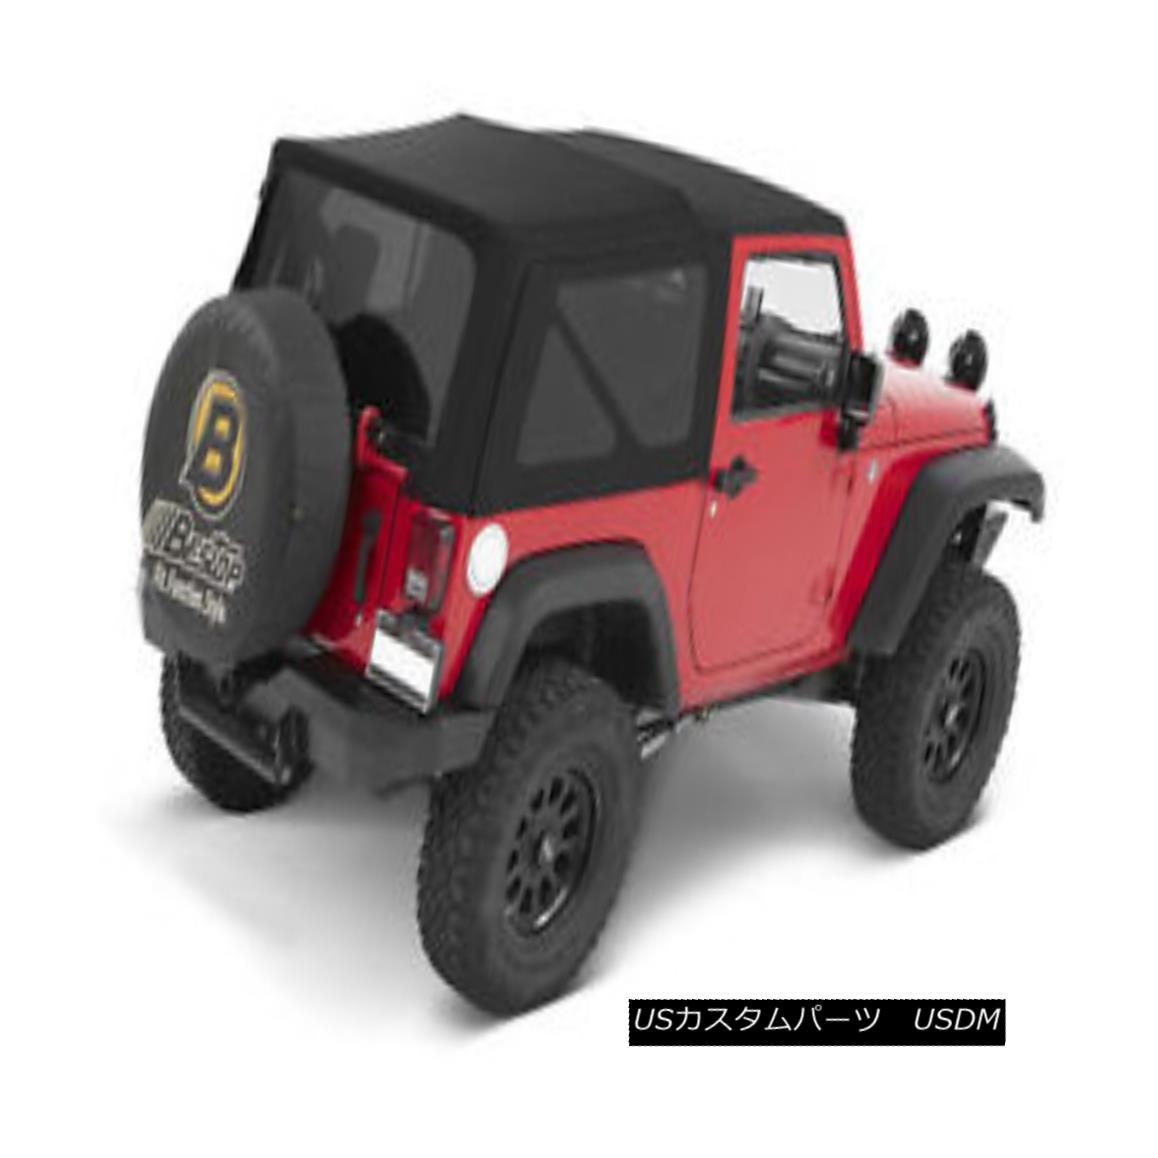 幌・ソフトトップ Bestop Replace A Top Black Twill 10-17 Jeep Wrangler 2 Door , Doors Not Included Bestop交換トップブラックツイル10-17ジープラングラー2ドア、含まれていないドア